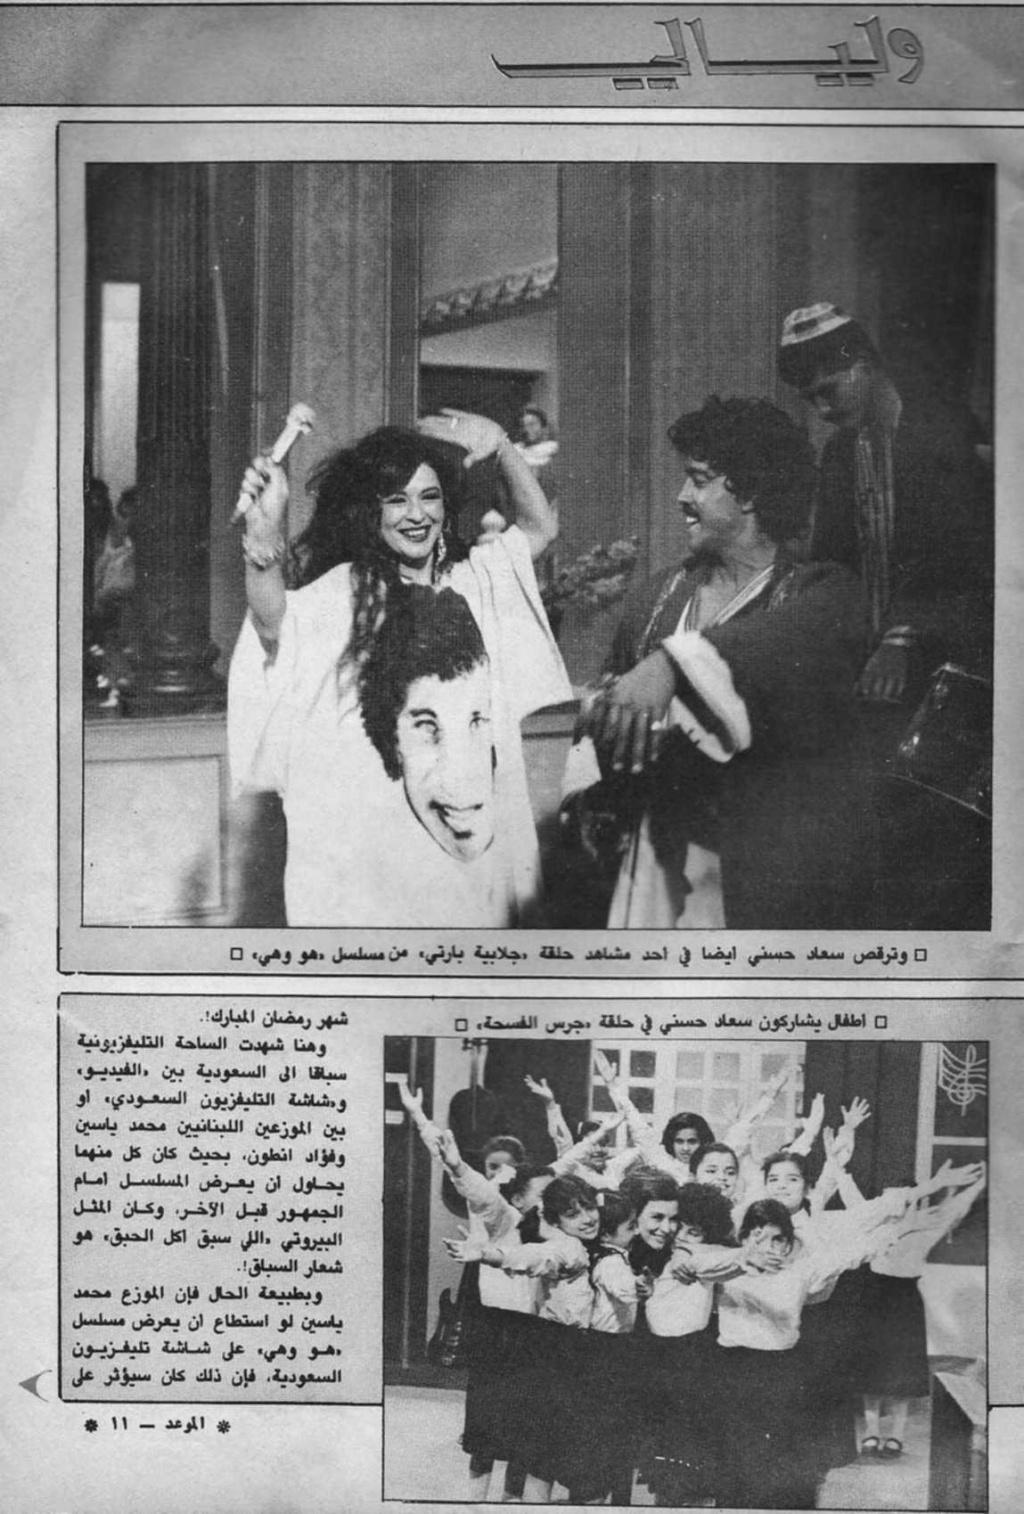 """مقال صحفي : سوق الفيديو يسبق تلفزيون القاهرة في عرض مسلسل """"هو وهي"""" 1985 م 2_aoay10"""